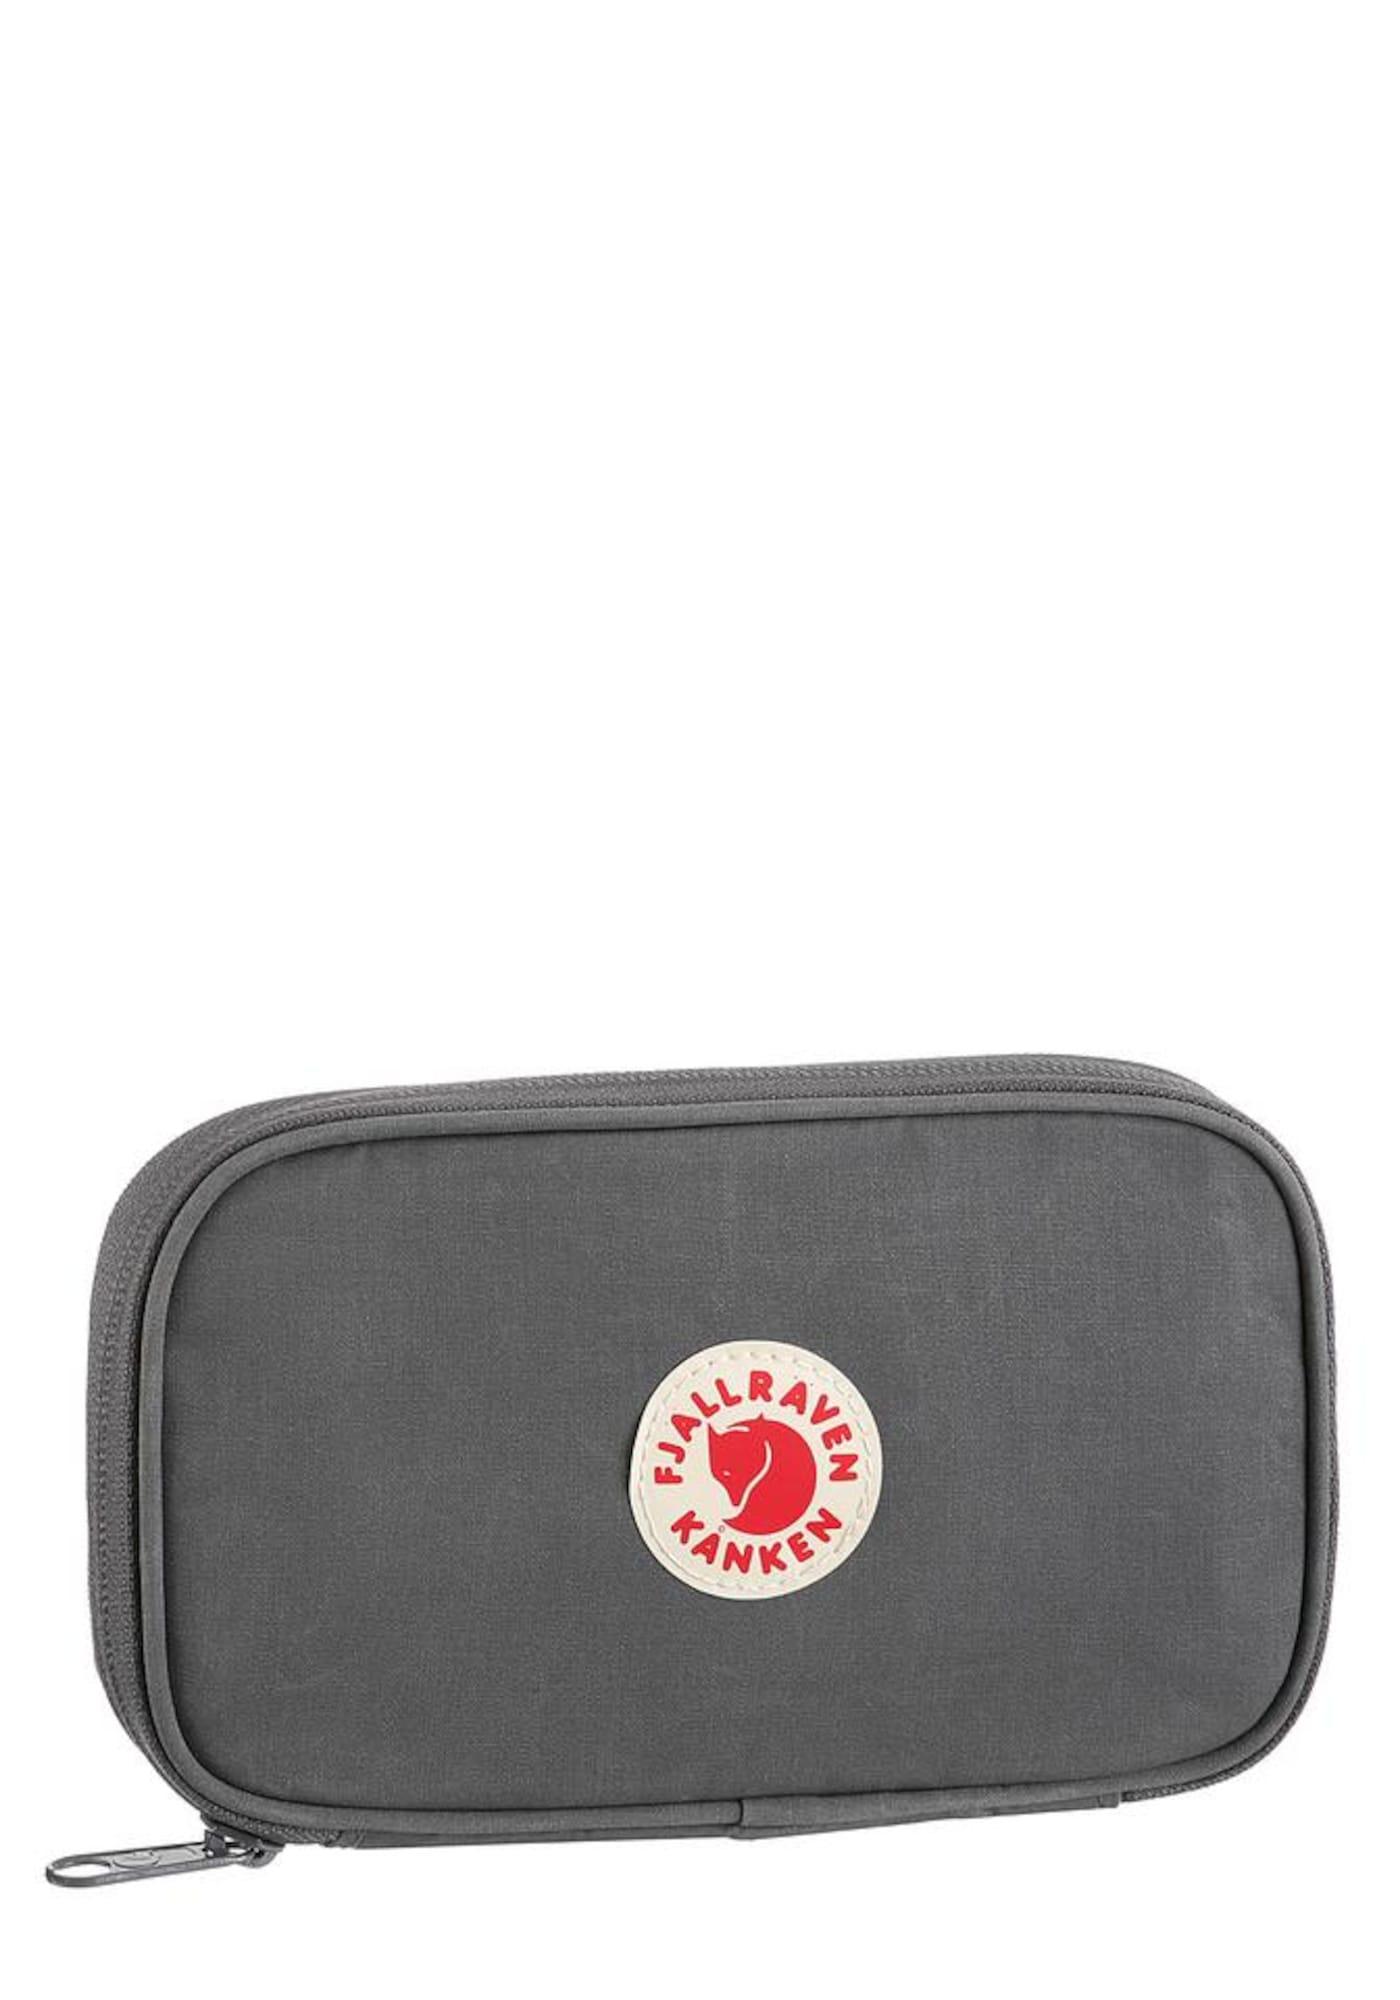 Brieftasche | Accessoires > Portemonnaies > Brieftaschen | Grau | Fjällräven